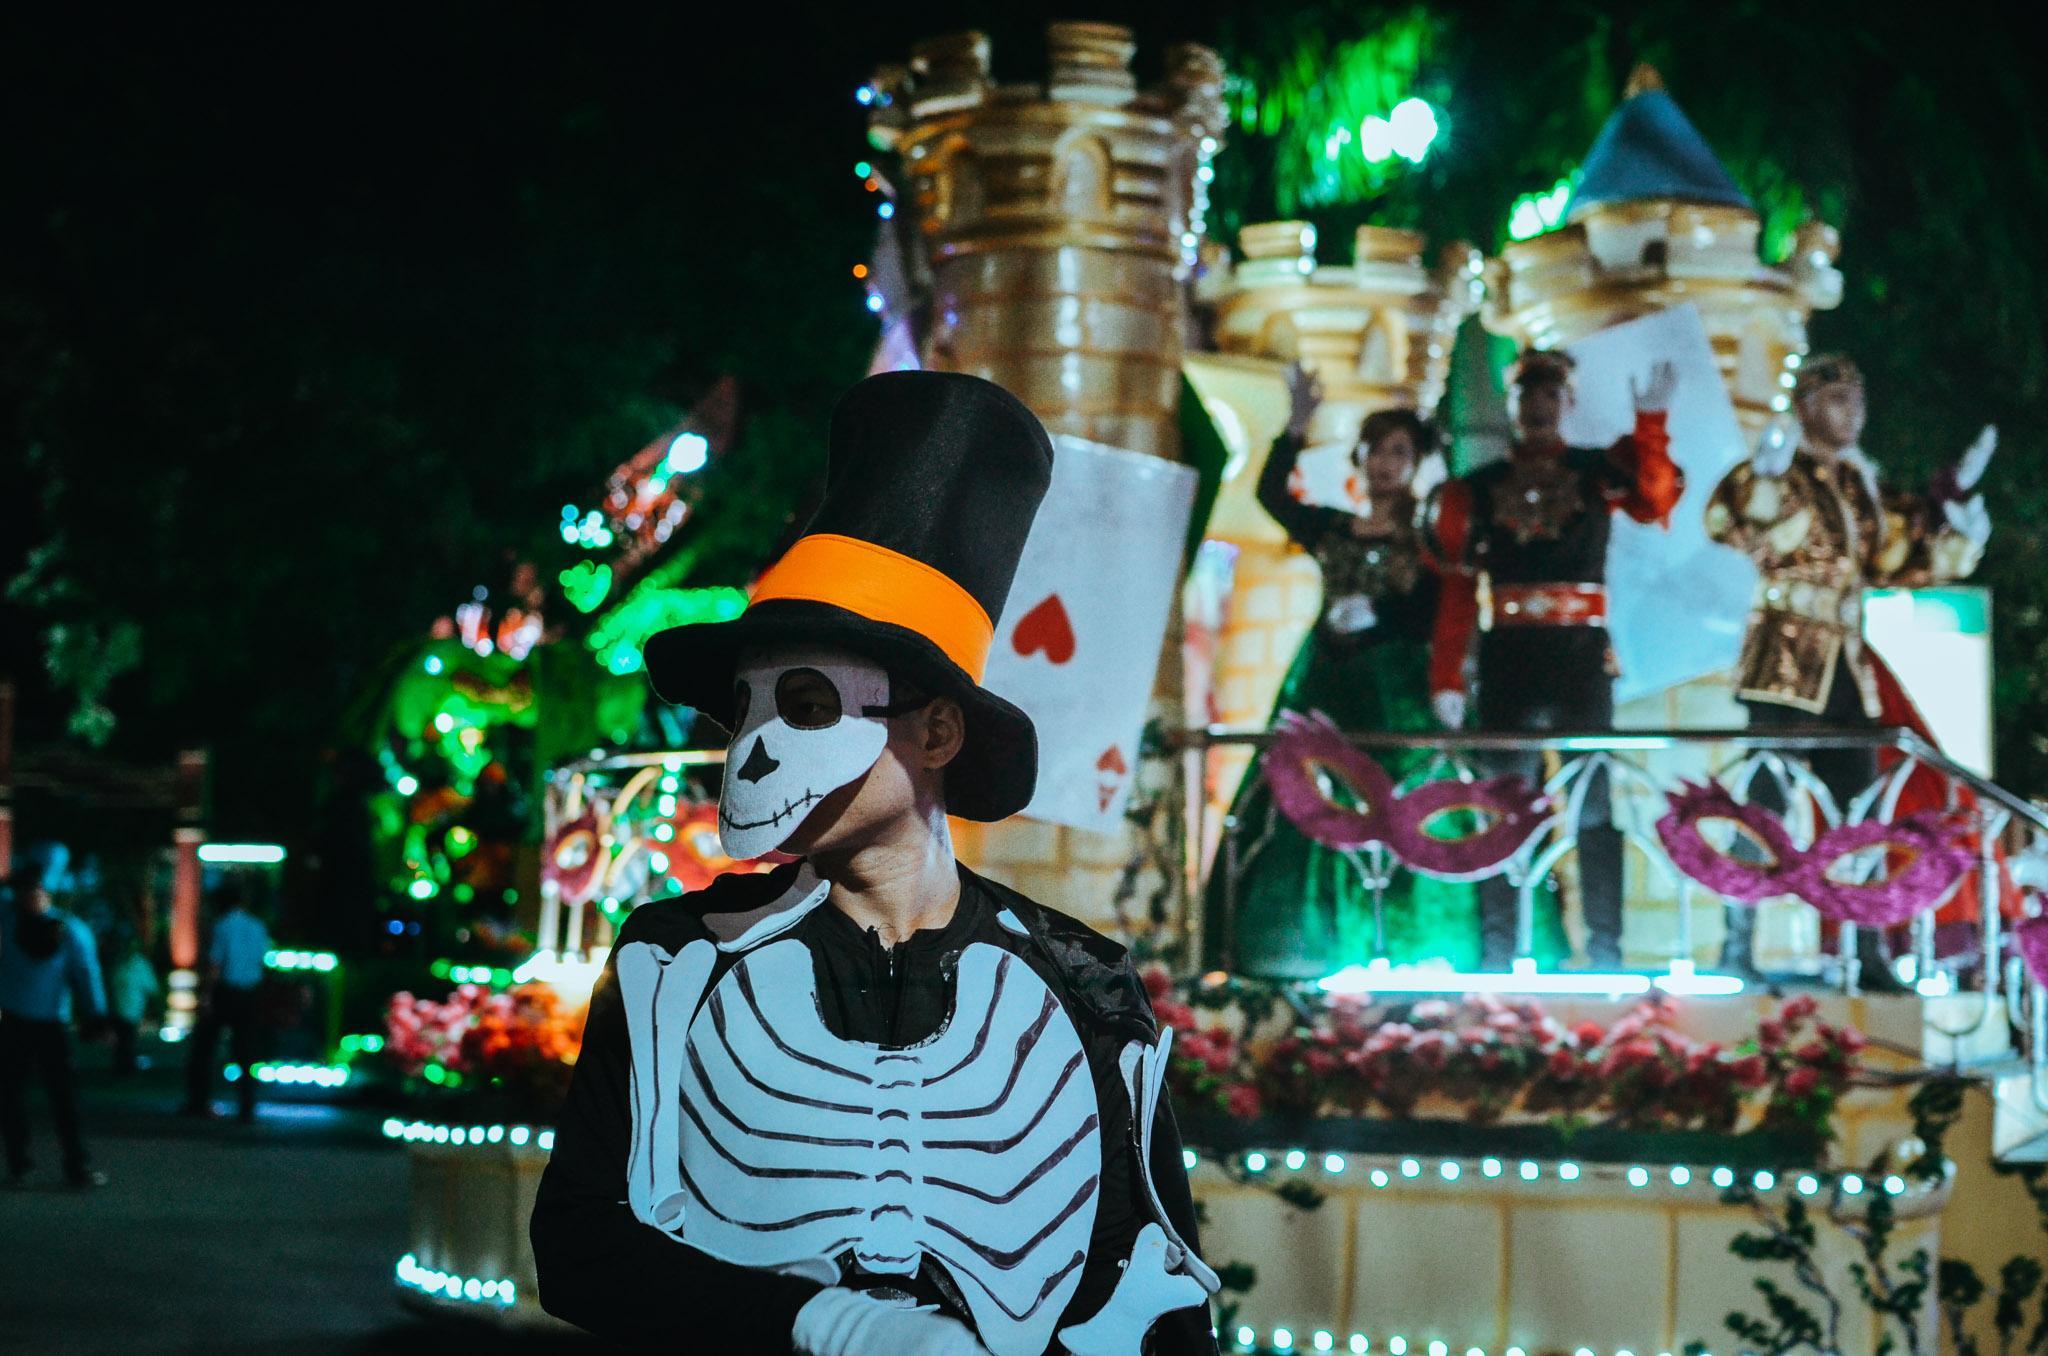 Khám phá loạt địa điểm vui chơi Halloween được check-in nhiều nhất tại Sài Gòn  - Ảnh 8.